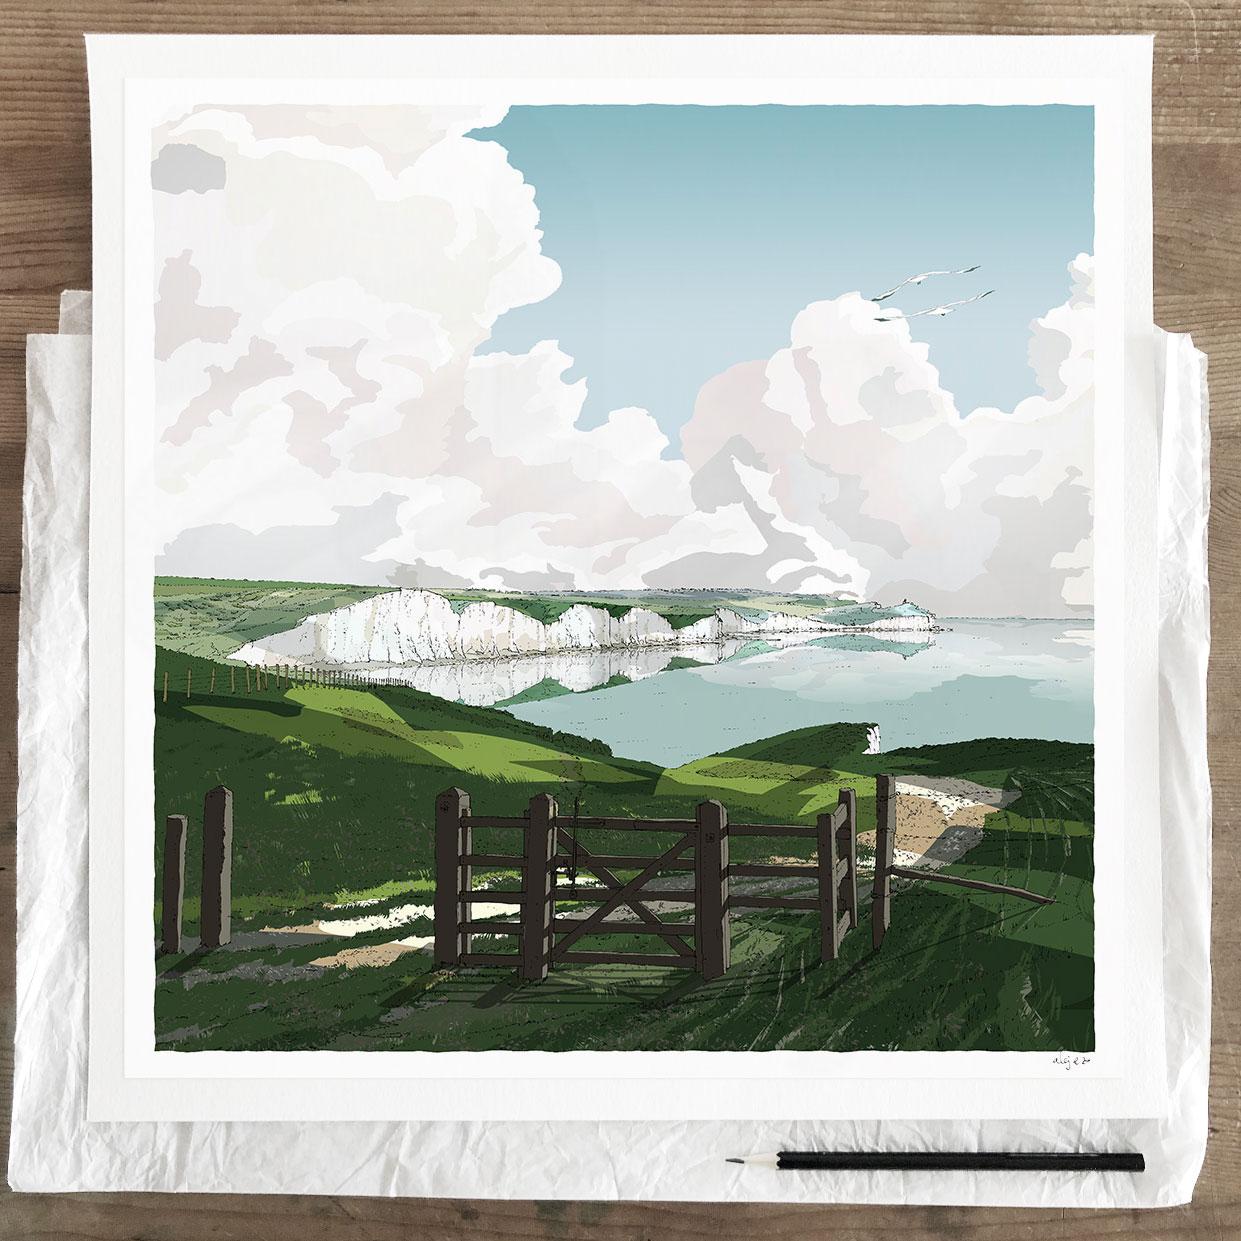 Fine art print by artist alej ez titled Gateway to Seven Sisters Chalk Cliffs